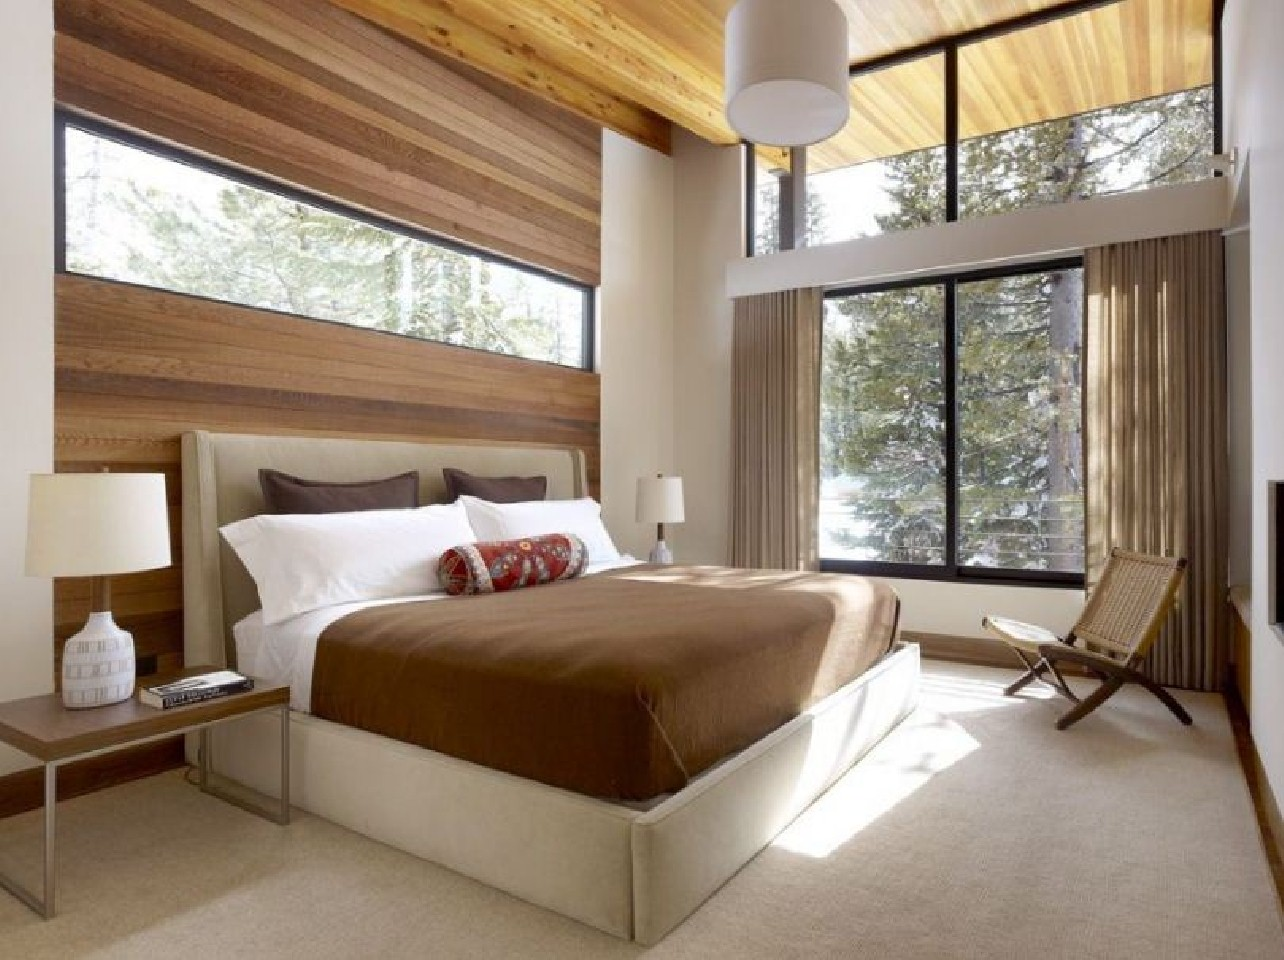 soveværelse-design-træ-vidunderlige-bedøvelse-værelses-design-form-en-naturlig-træ-hus